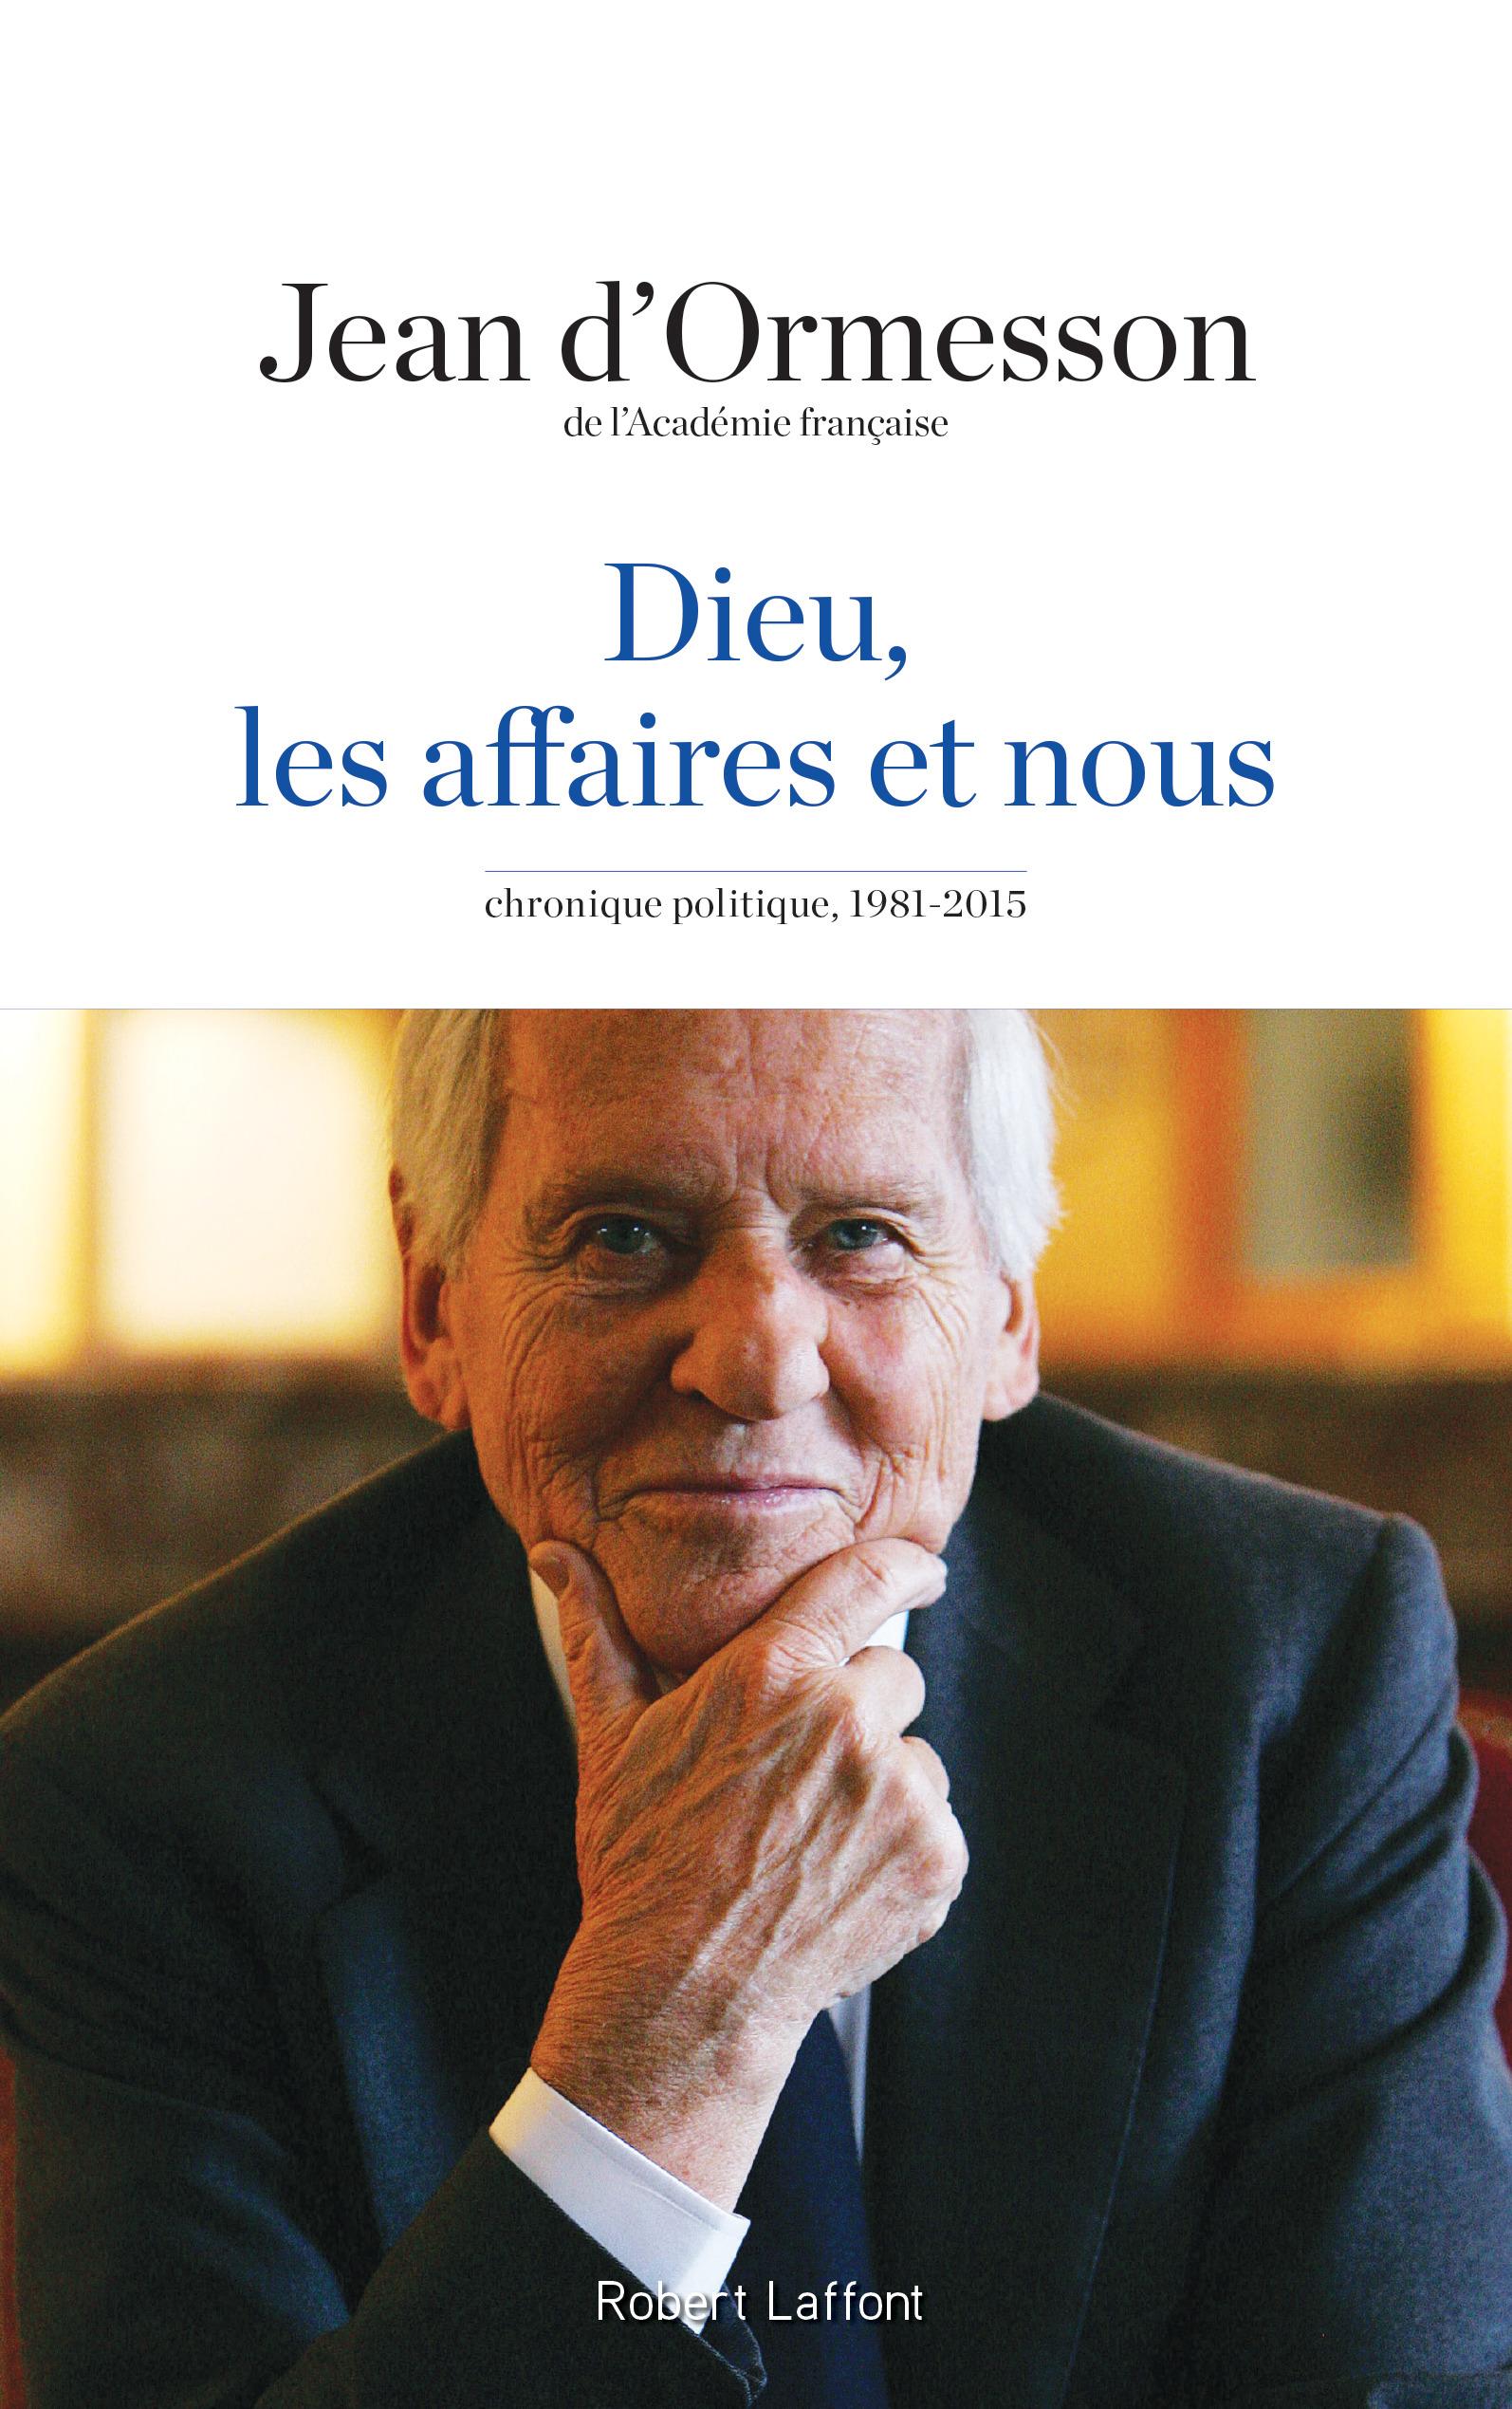 Le siècle vu par Jean d'Ormesson est un roman!